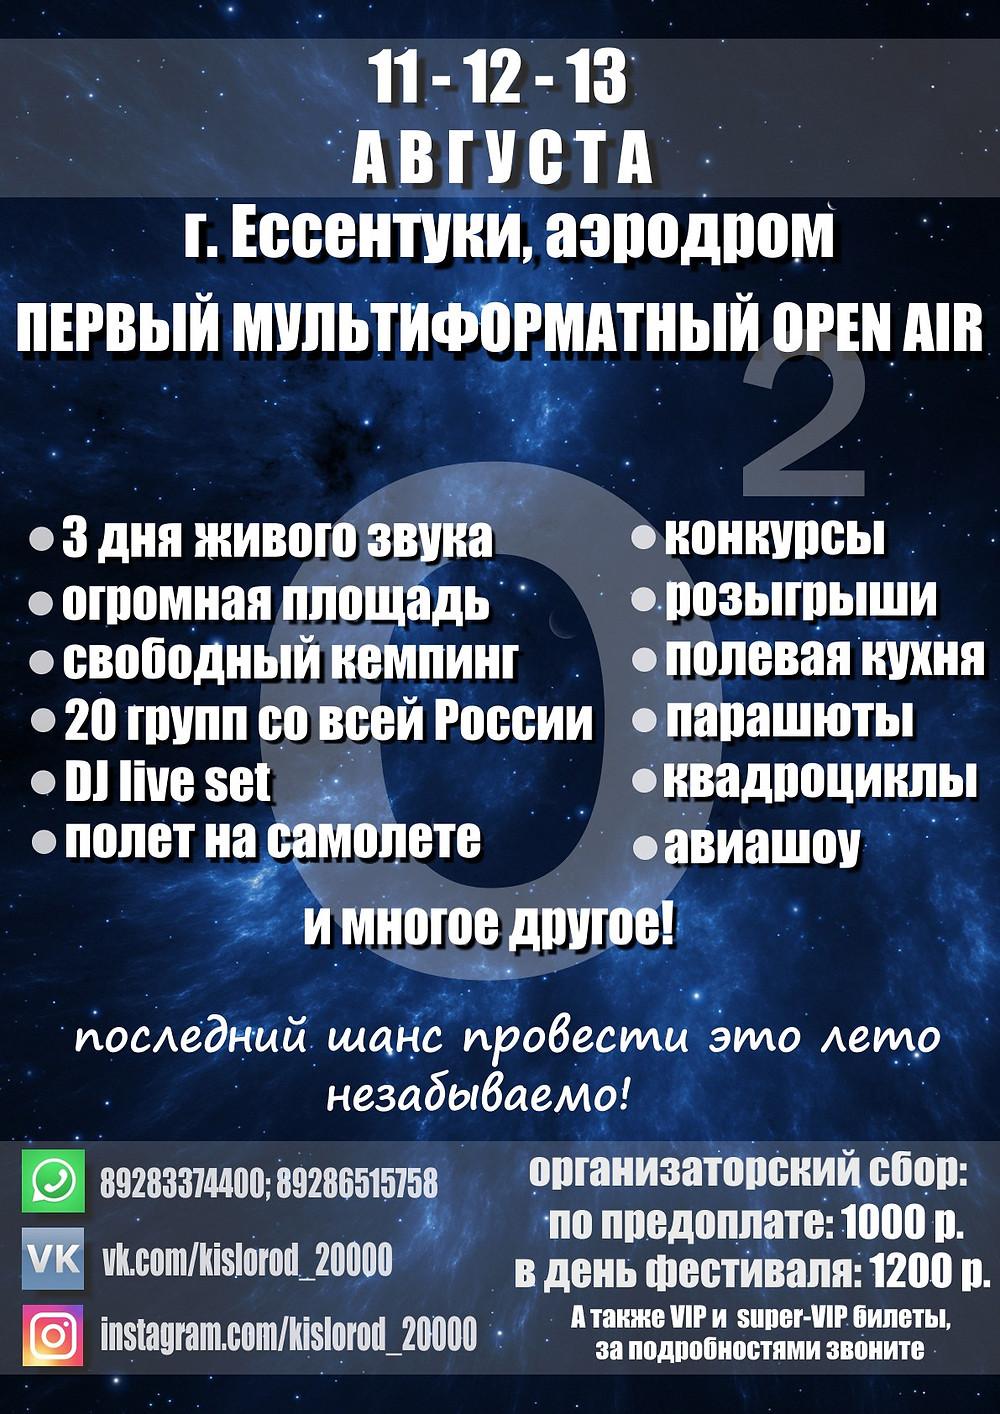 О2 Open Air Кислород